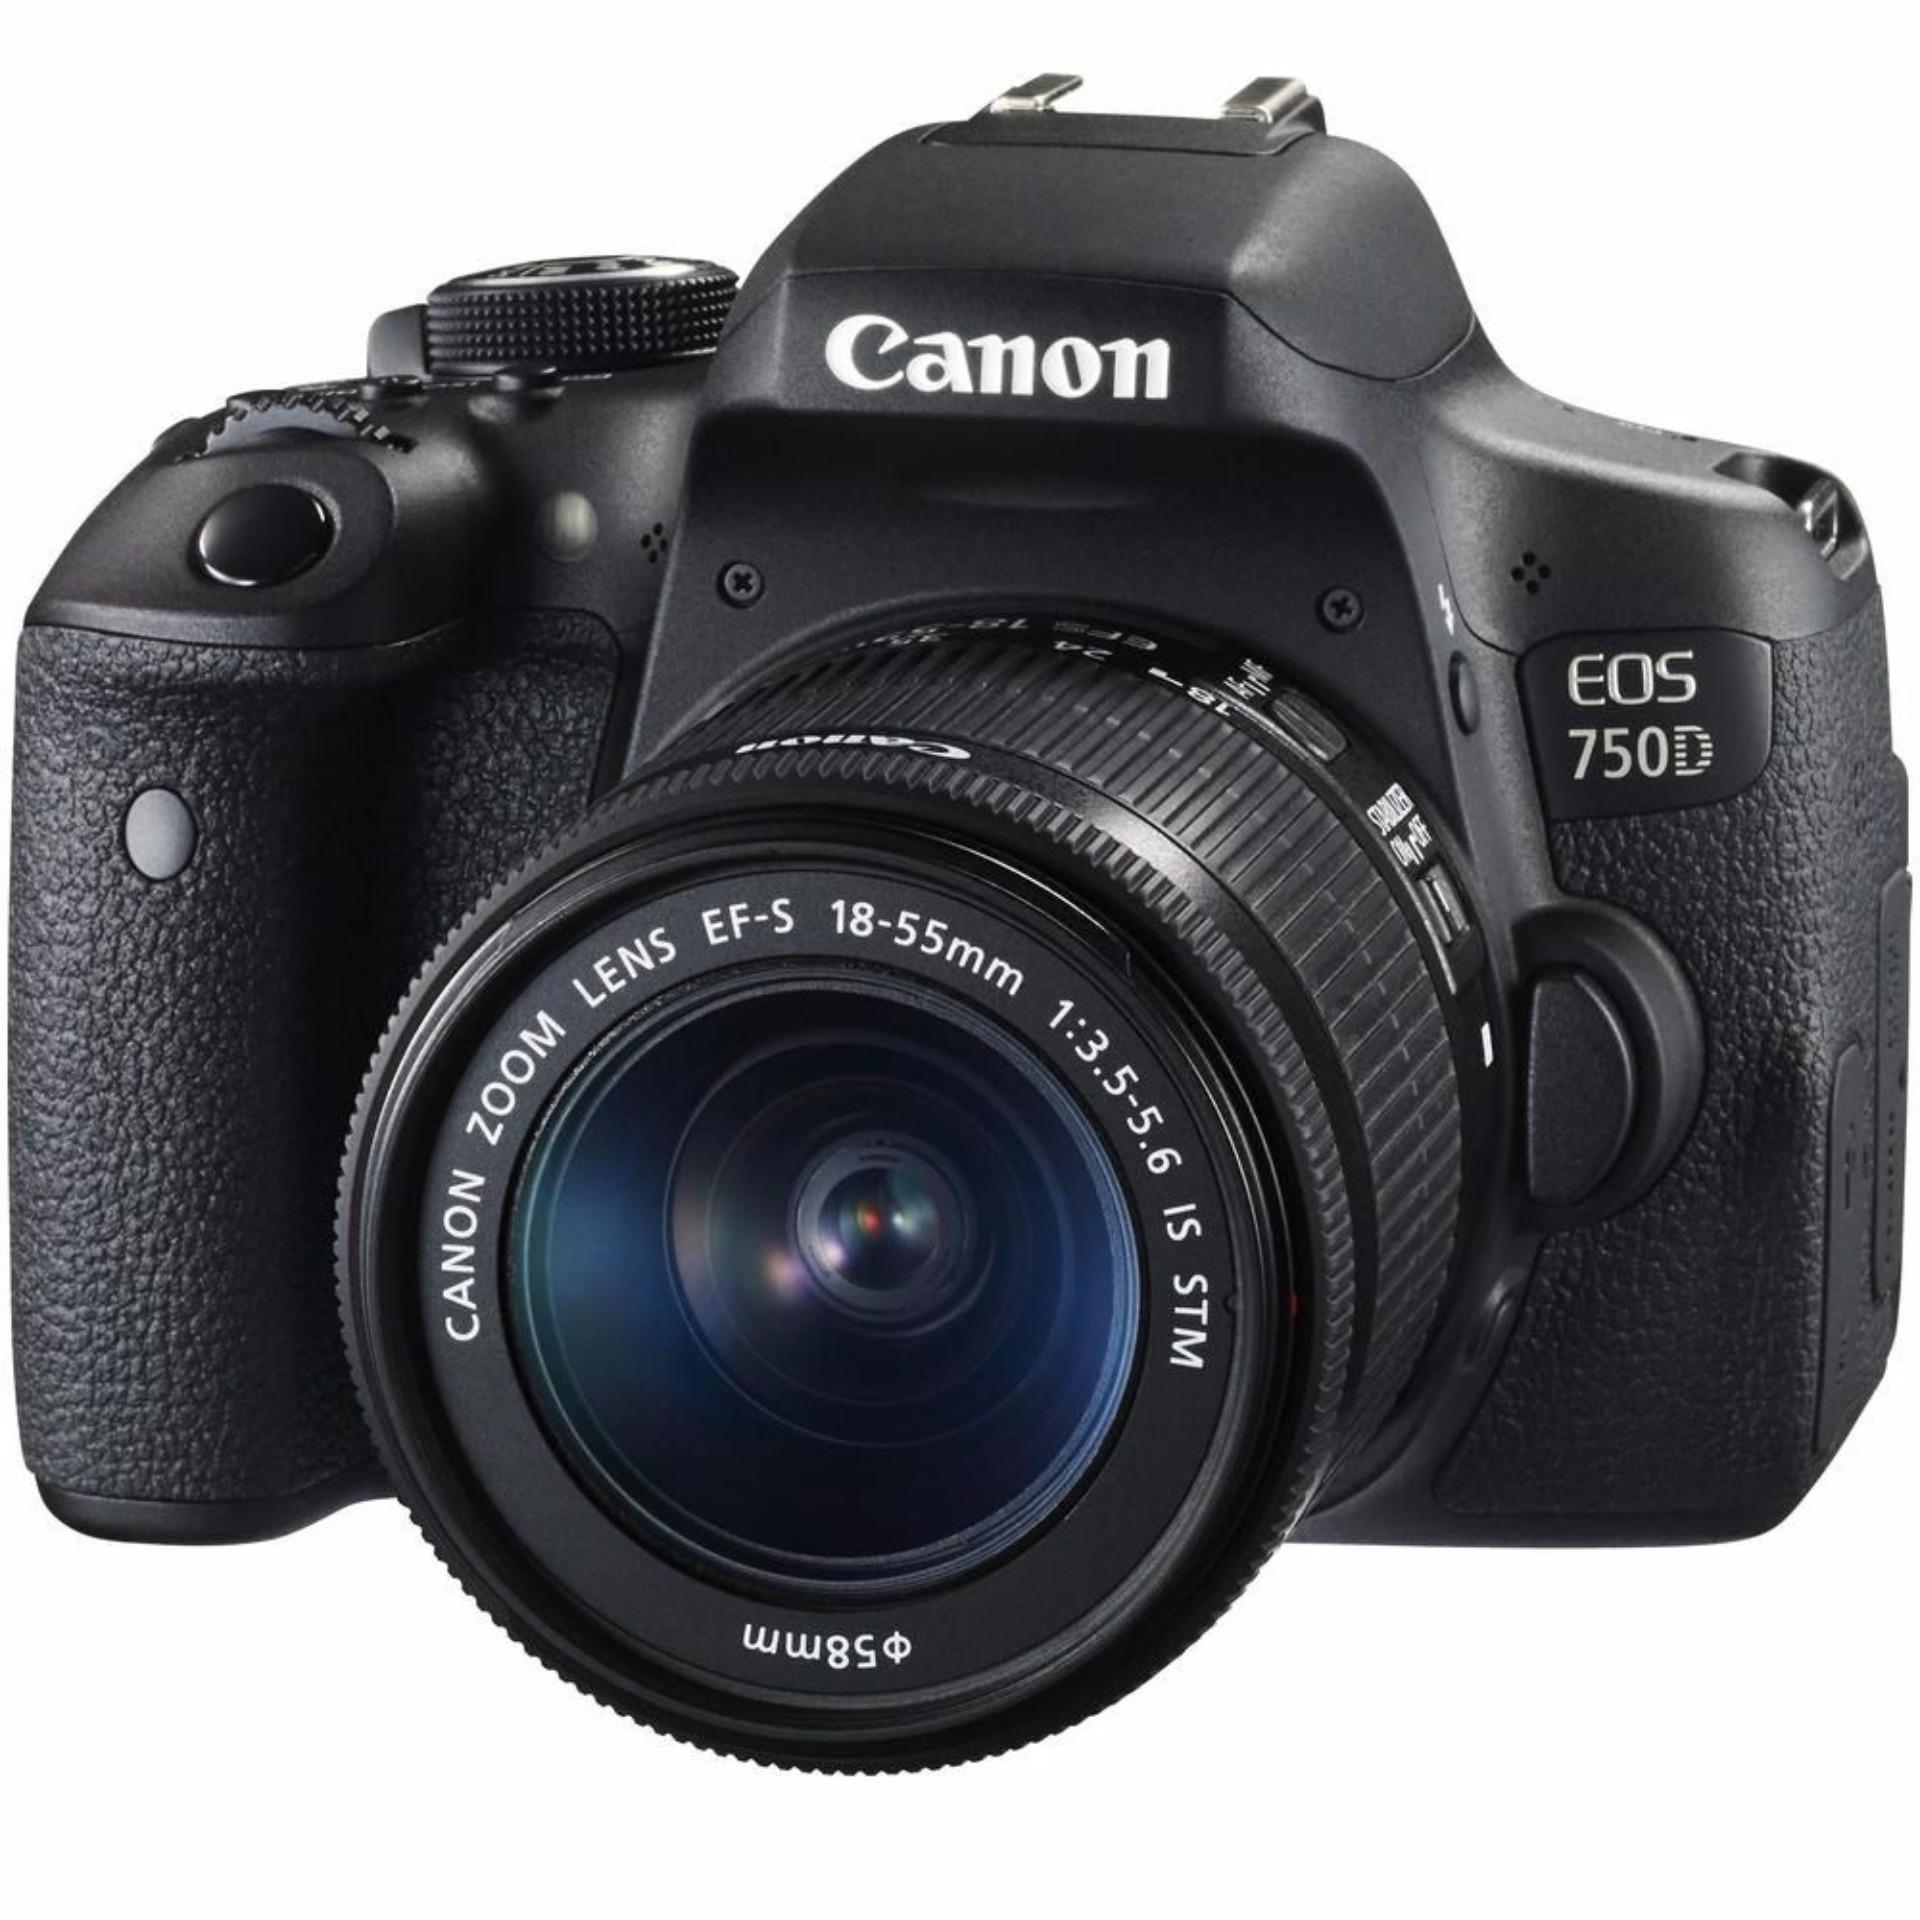 Canon EOS 750D 24.2MP với lens Kit 18-55 IS STM (Đen) + Tặng thẻ nhớ 16GB và túi máy ảnh